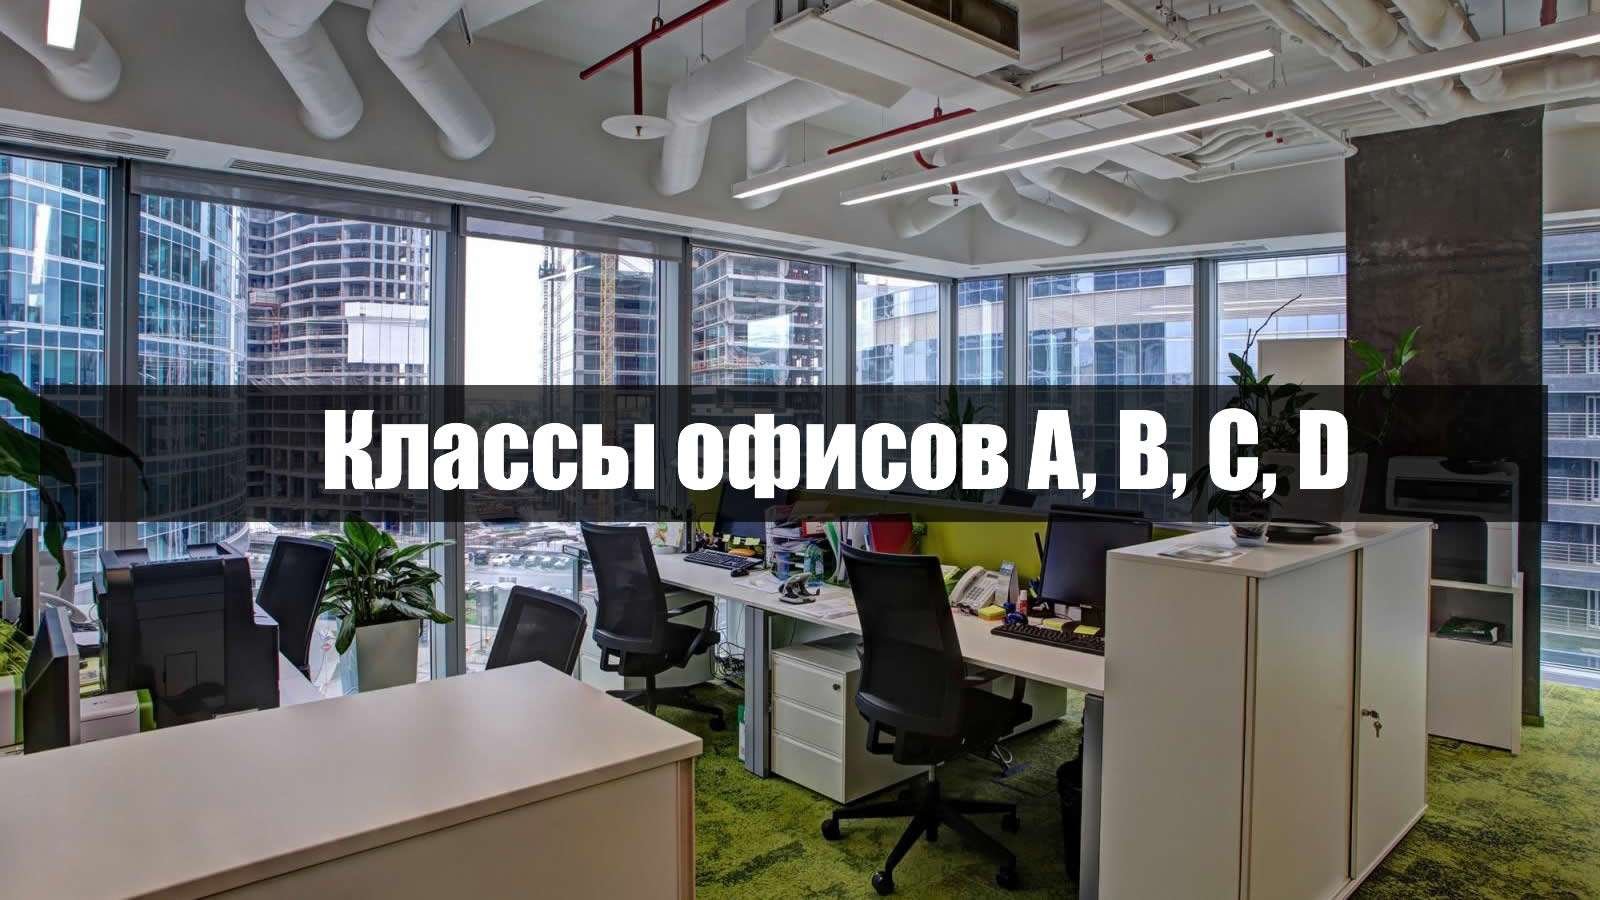 класс офиса a b c d что это